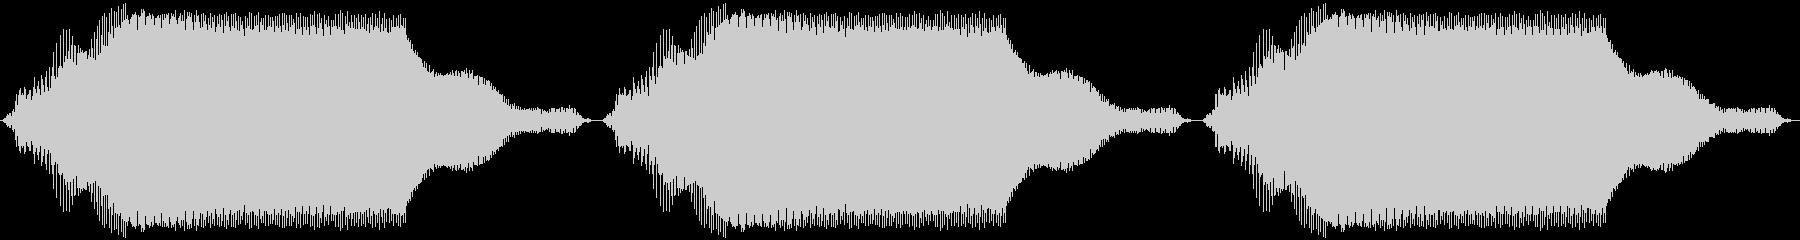 バイブ スマホ ブーン×3 ゆっくりの未再生の波形